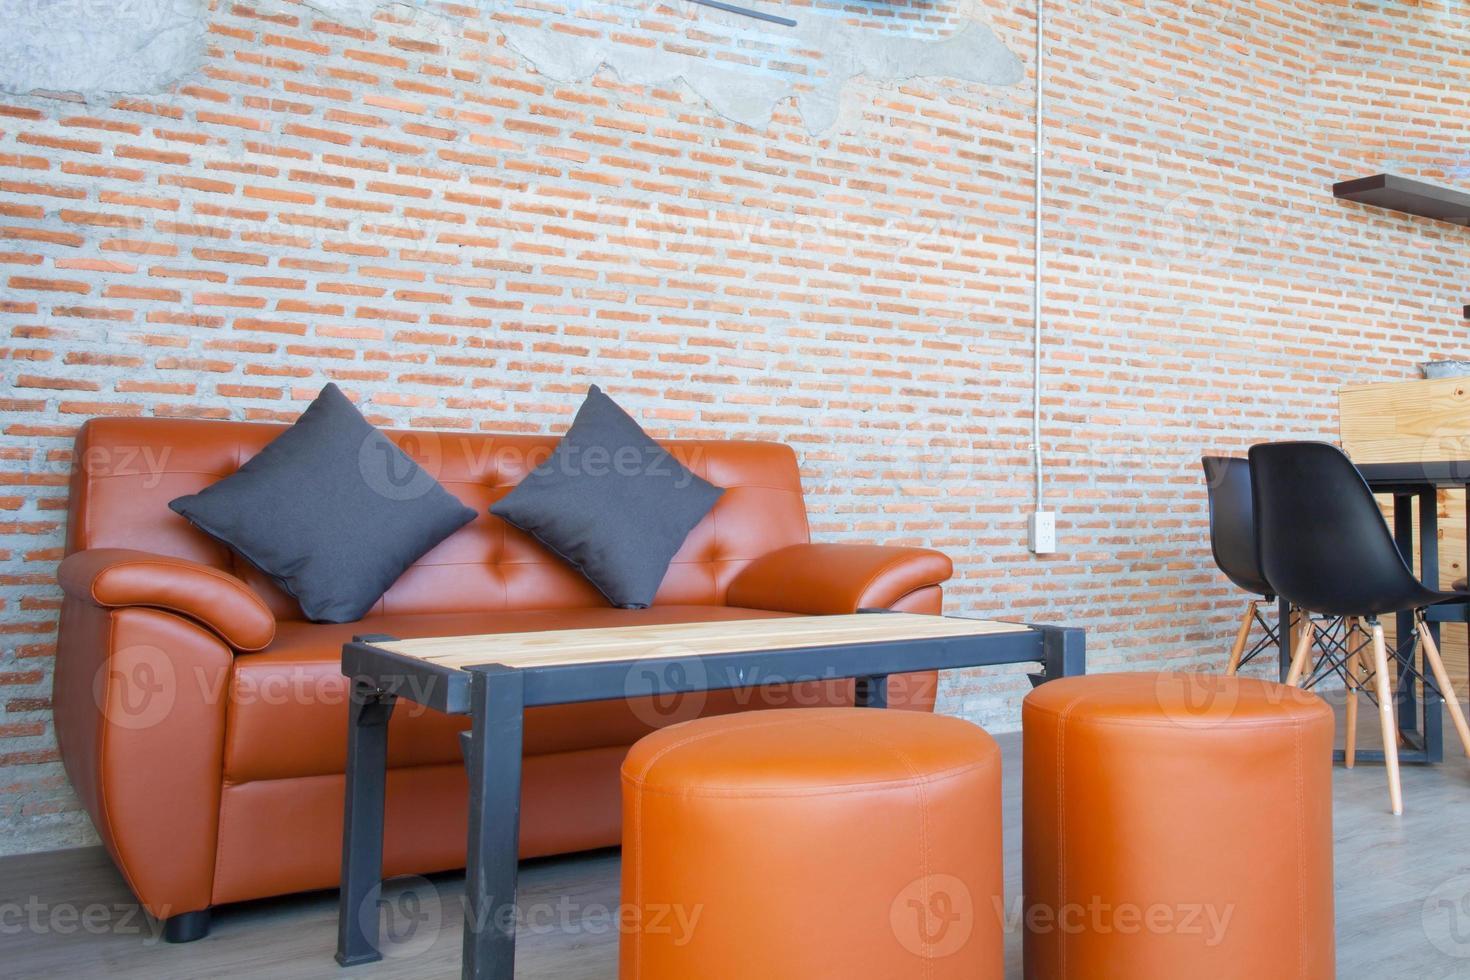 sofá y sillas con mesa foto